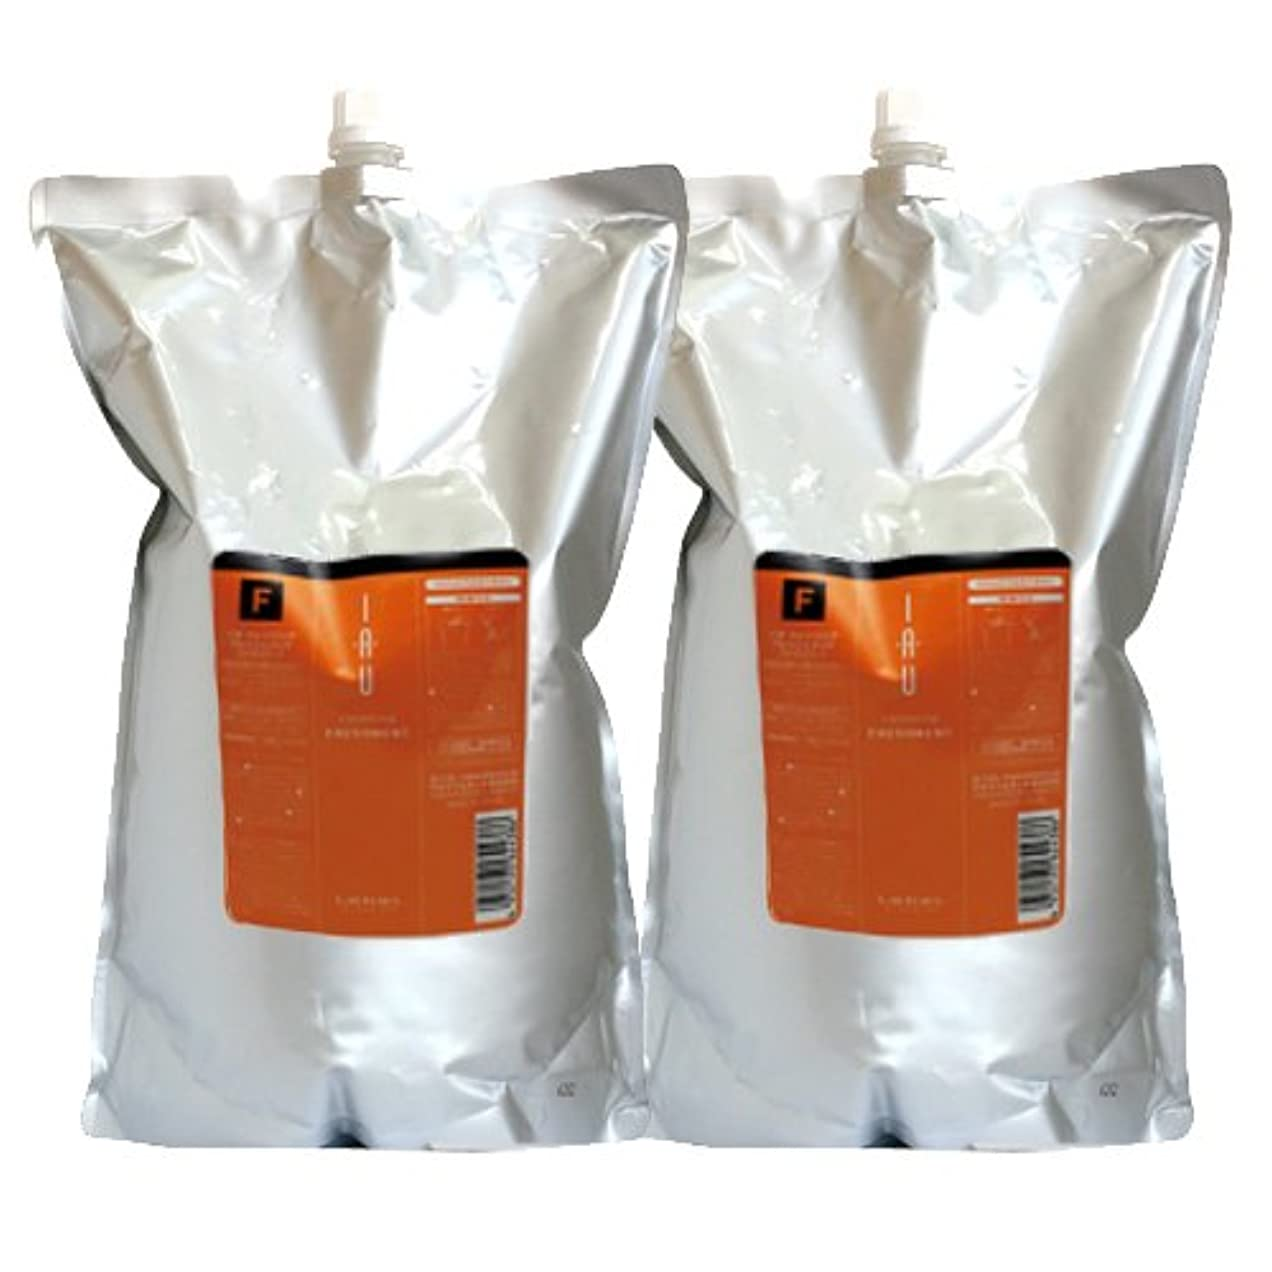 オレンジ消毒するフレームワークルベル イオ クレンジング(シャンプー) フレッシュメント 2500mL × 2本 セット 詰め替え LebeL iau